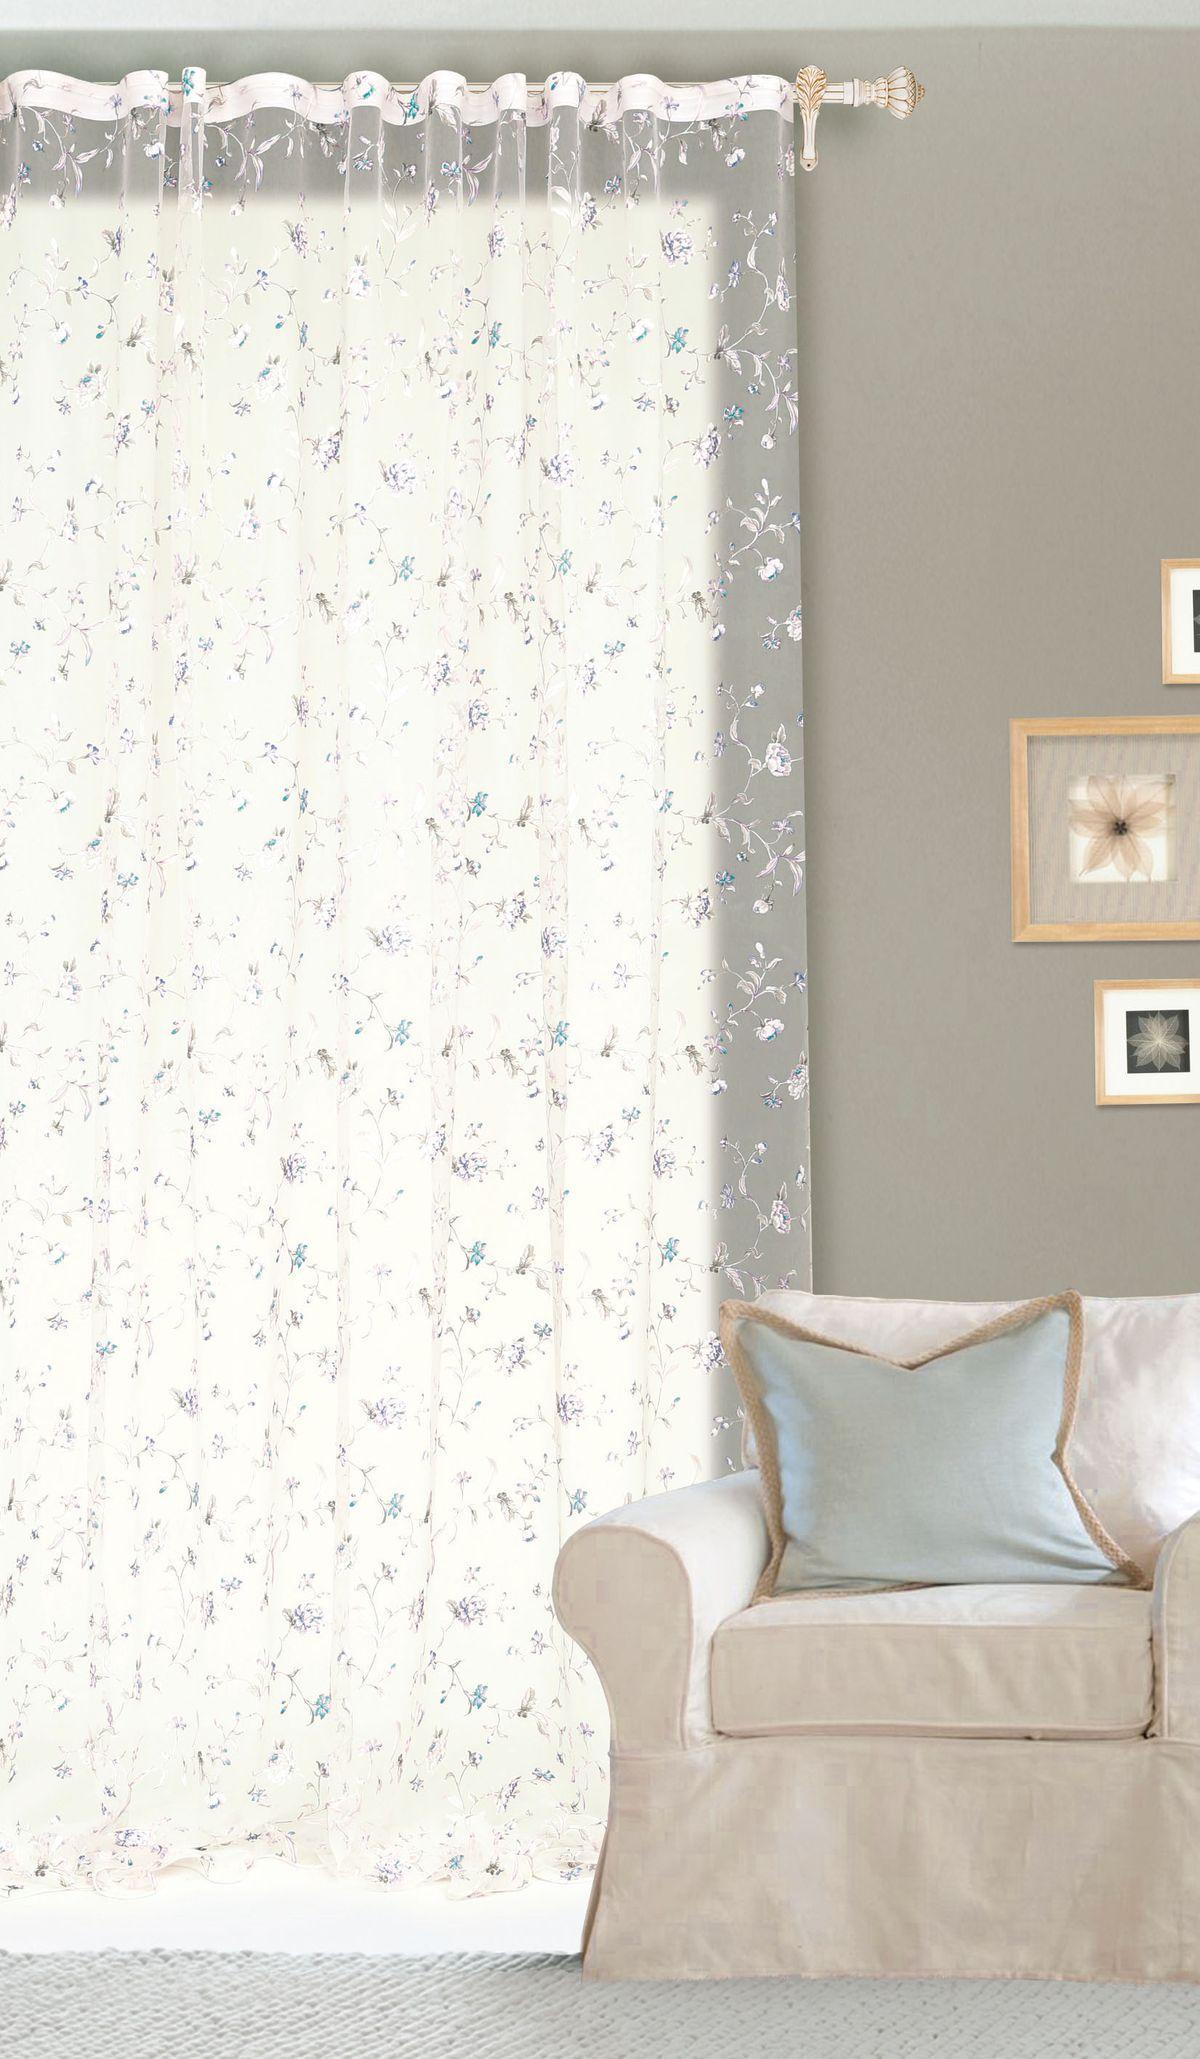 Штора готовая Garden, на ленте, цвет: белый, 300х260 см. С 10250 - W260 V5С 10250 - W260 V5Изящная штора для гостиной Garden выполнена из ткани с оригинальной структурой. Приятная текстура и цвет штор привлекут к себе внимание и органично впишутся в интерьер помещения. Штора крепится на карниз при помощи ленты, которая поможет красиво и равномерно задрапировать верх.